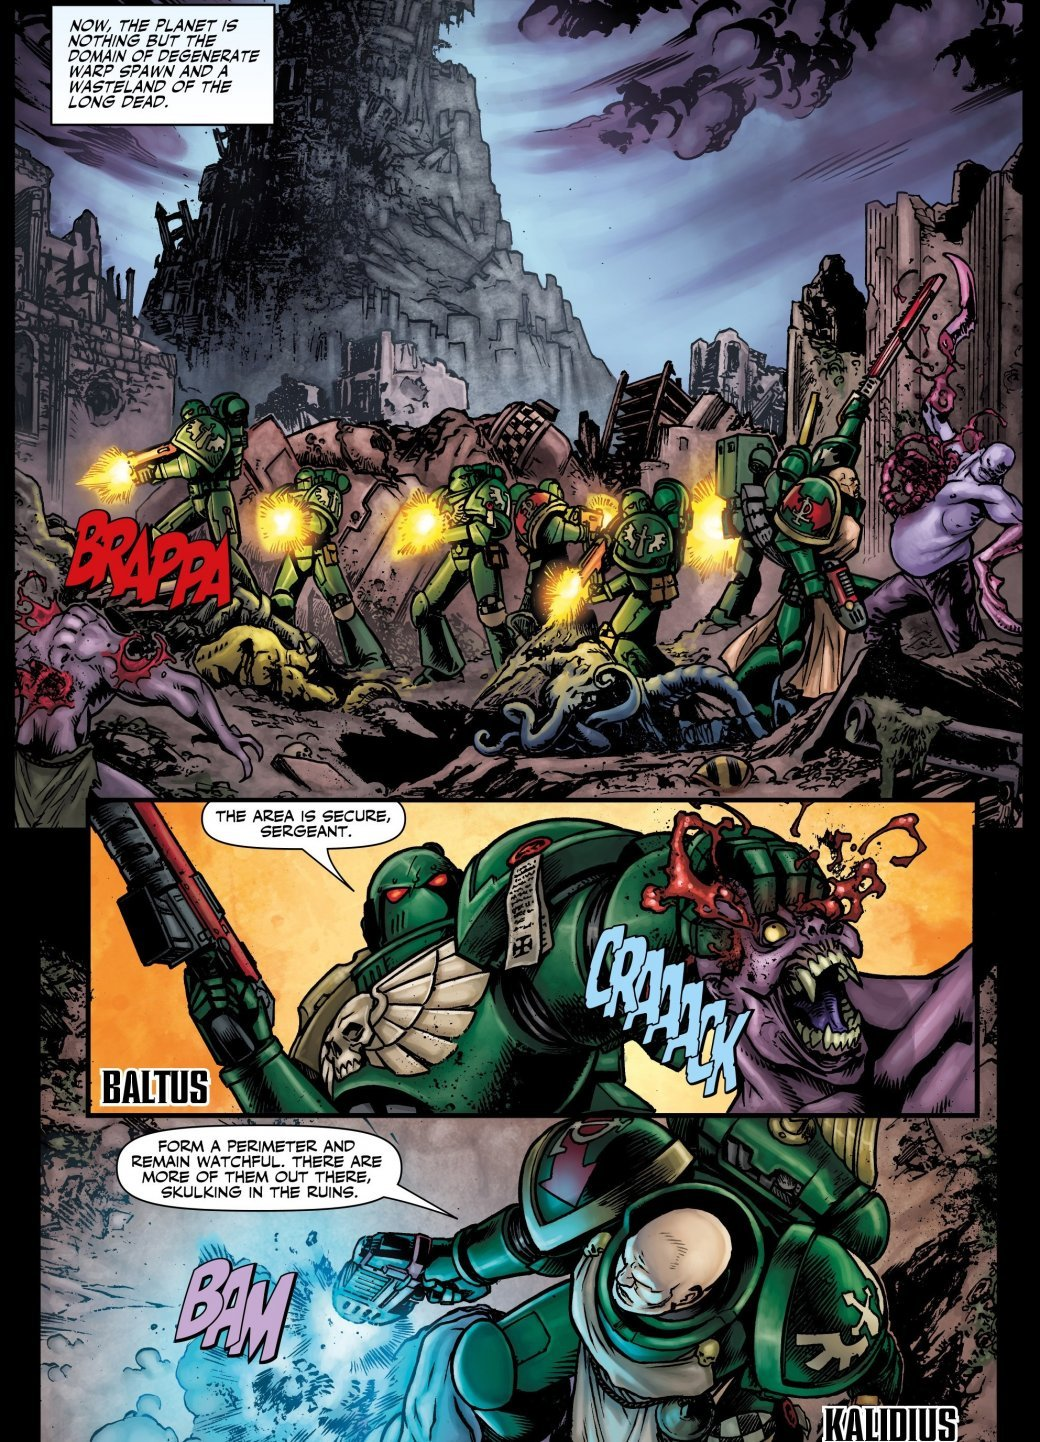 Самые крутые комиксы по Warhammer 40.000. - Изображение 18